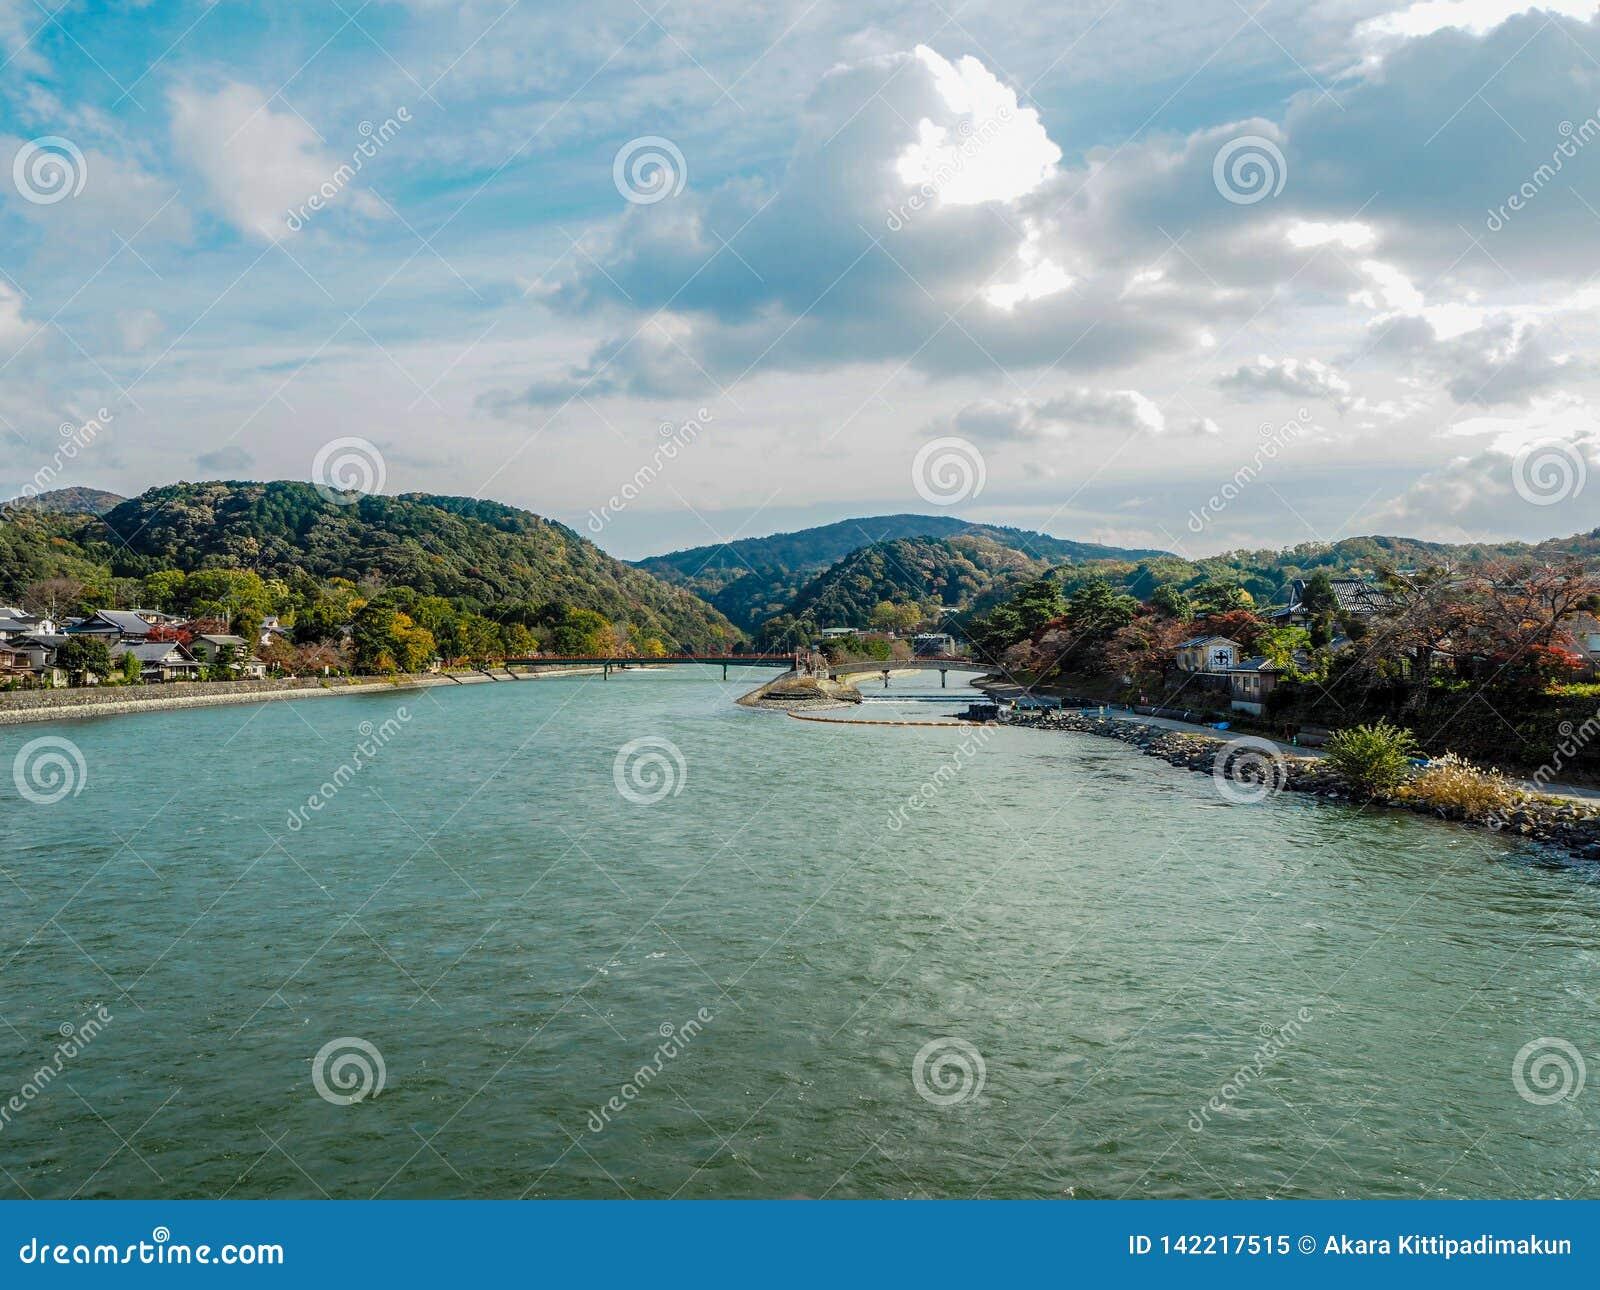 Река в середине маленького города с горами и предпосылкой облачного неба